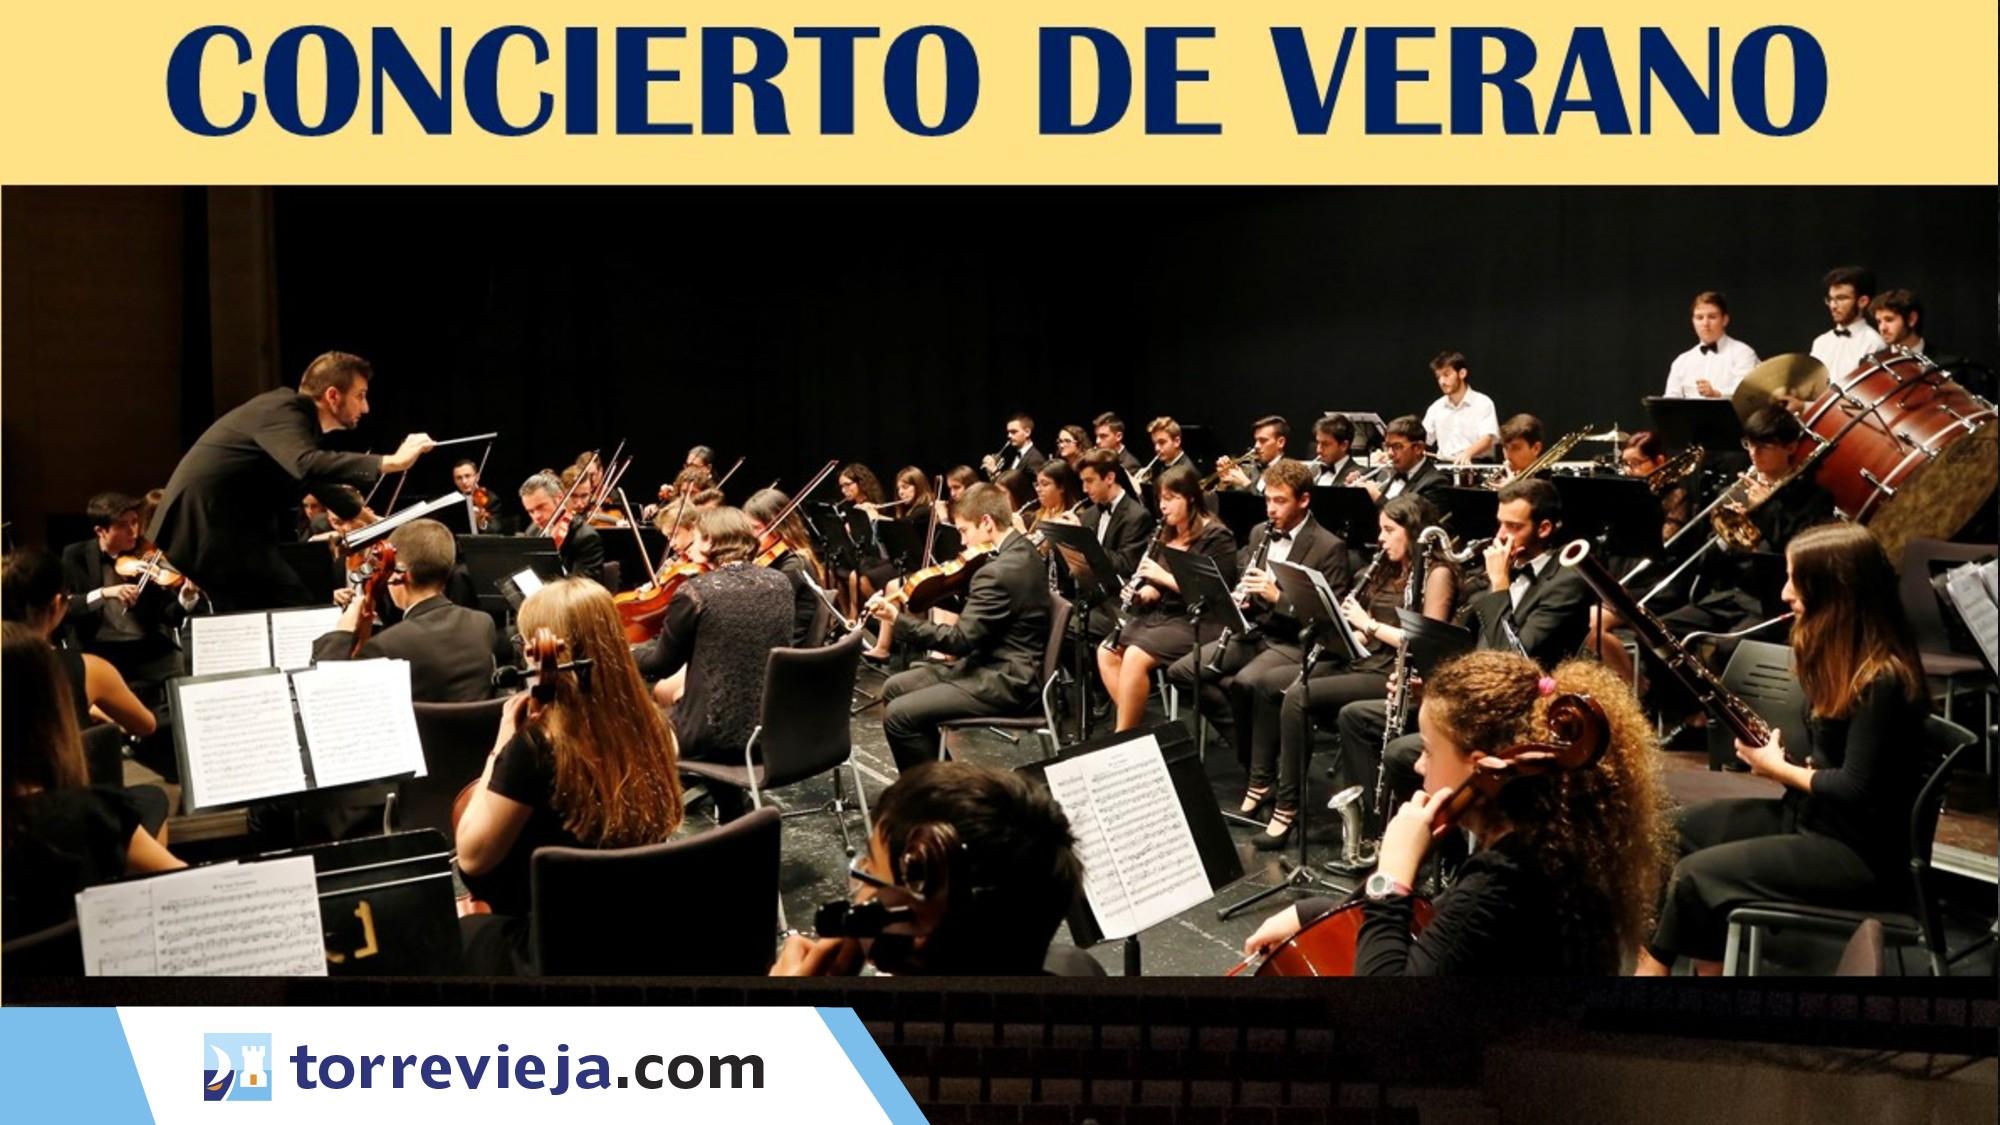 CONCIERTO DE VERANO - Joven Orquesta Sinfónica de Torrevieja